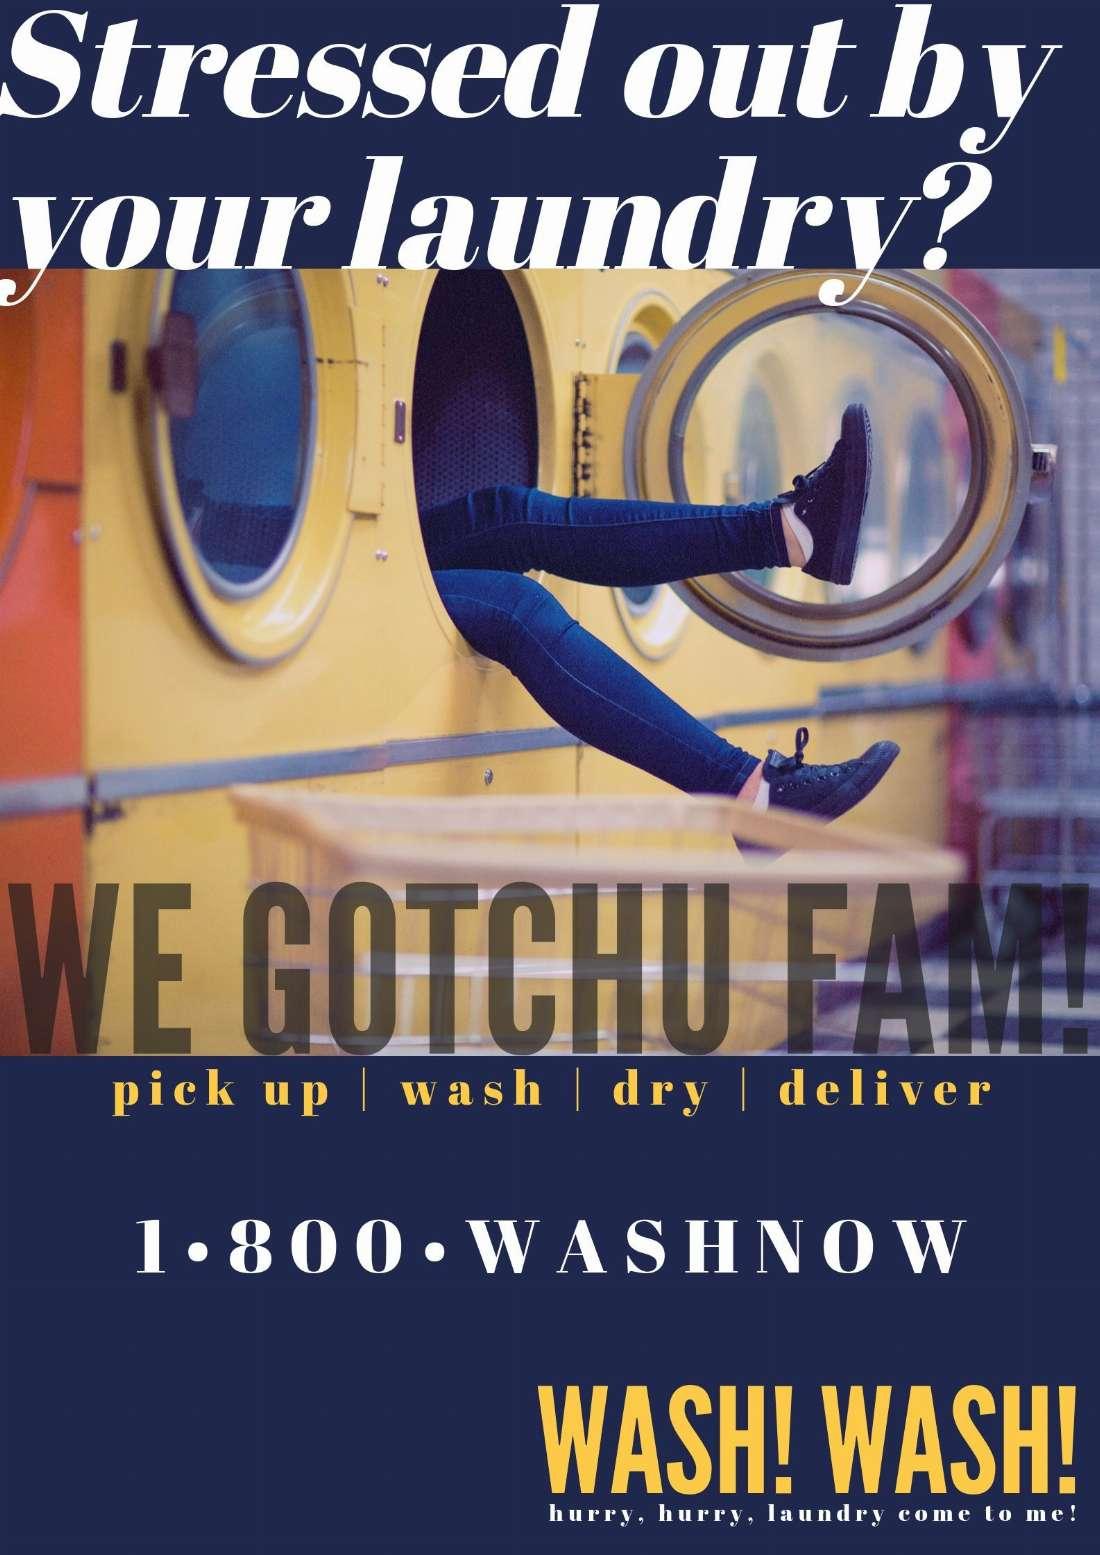 laundryENG_1574643724.jpg